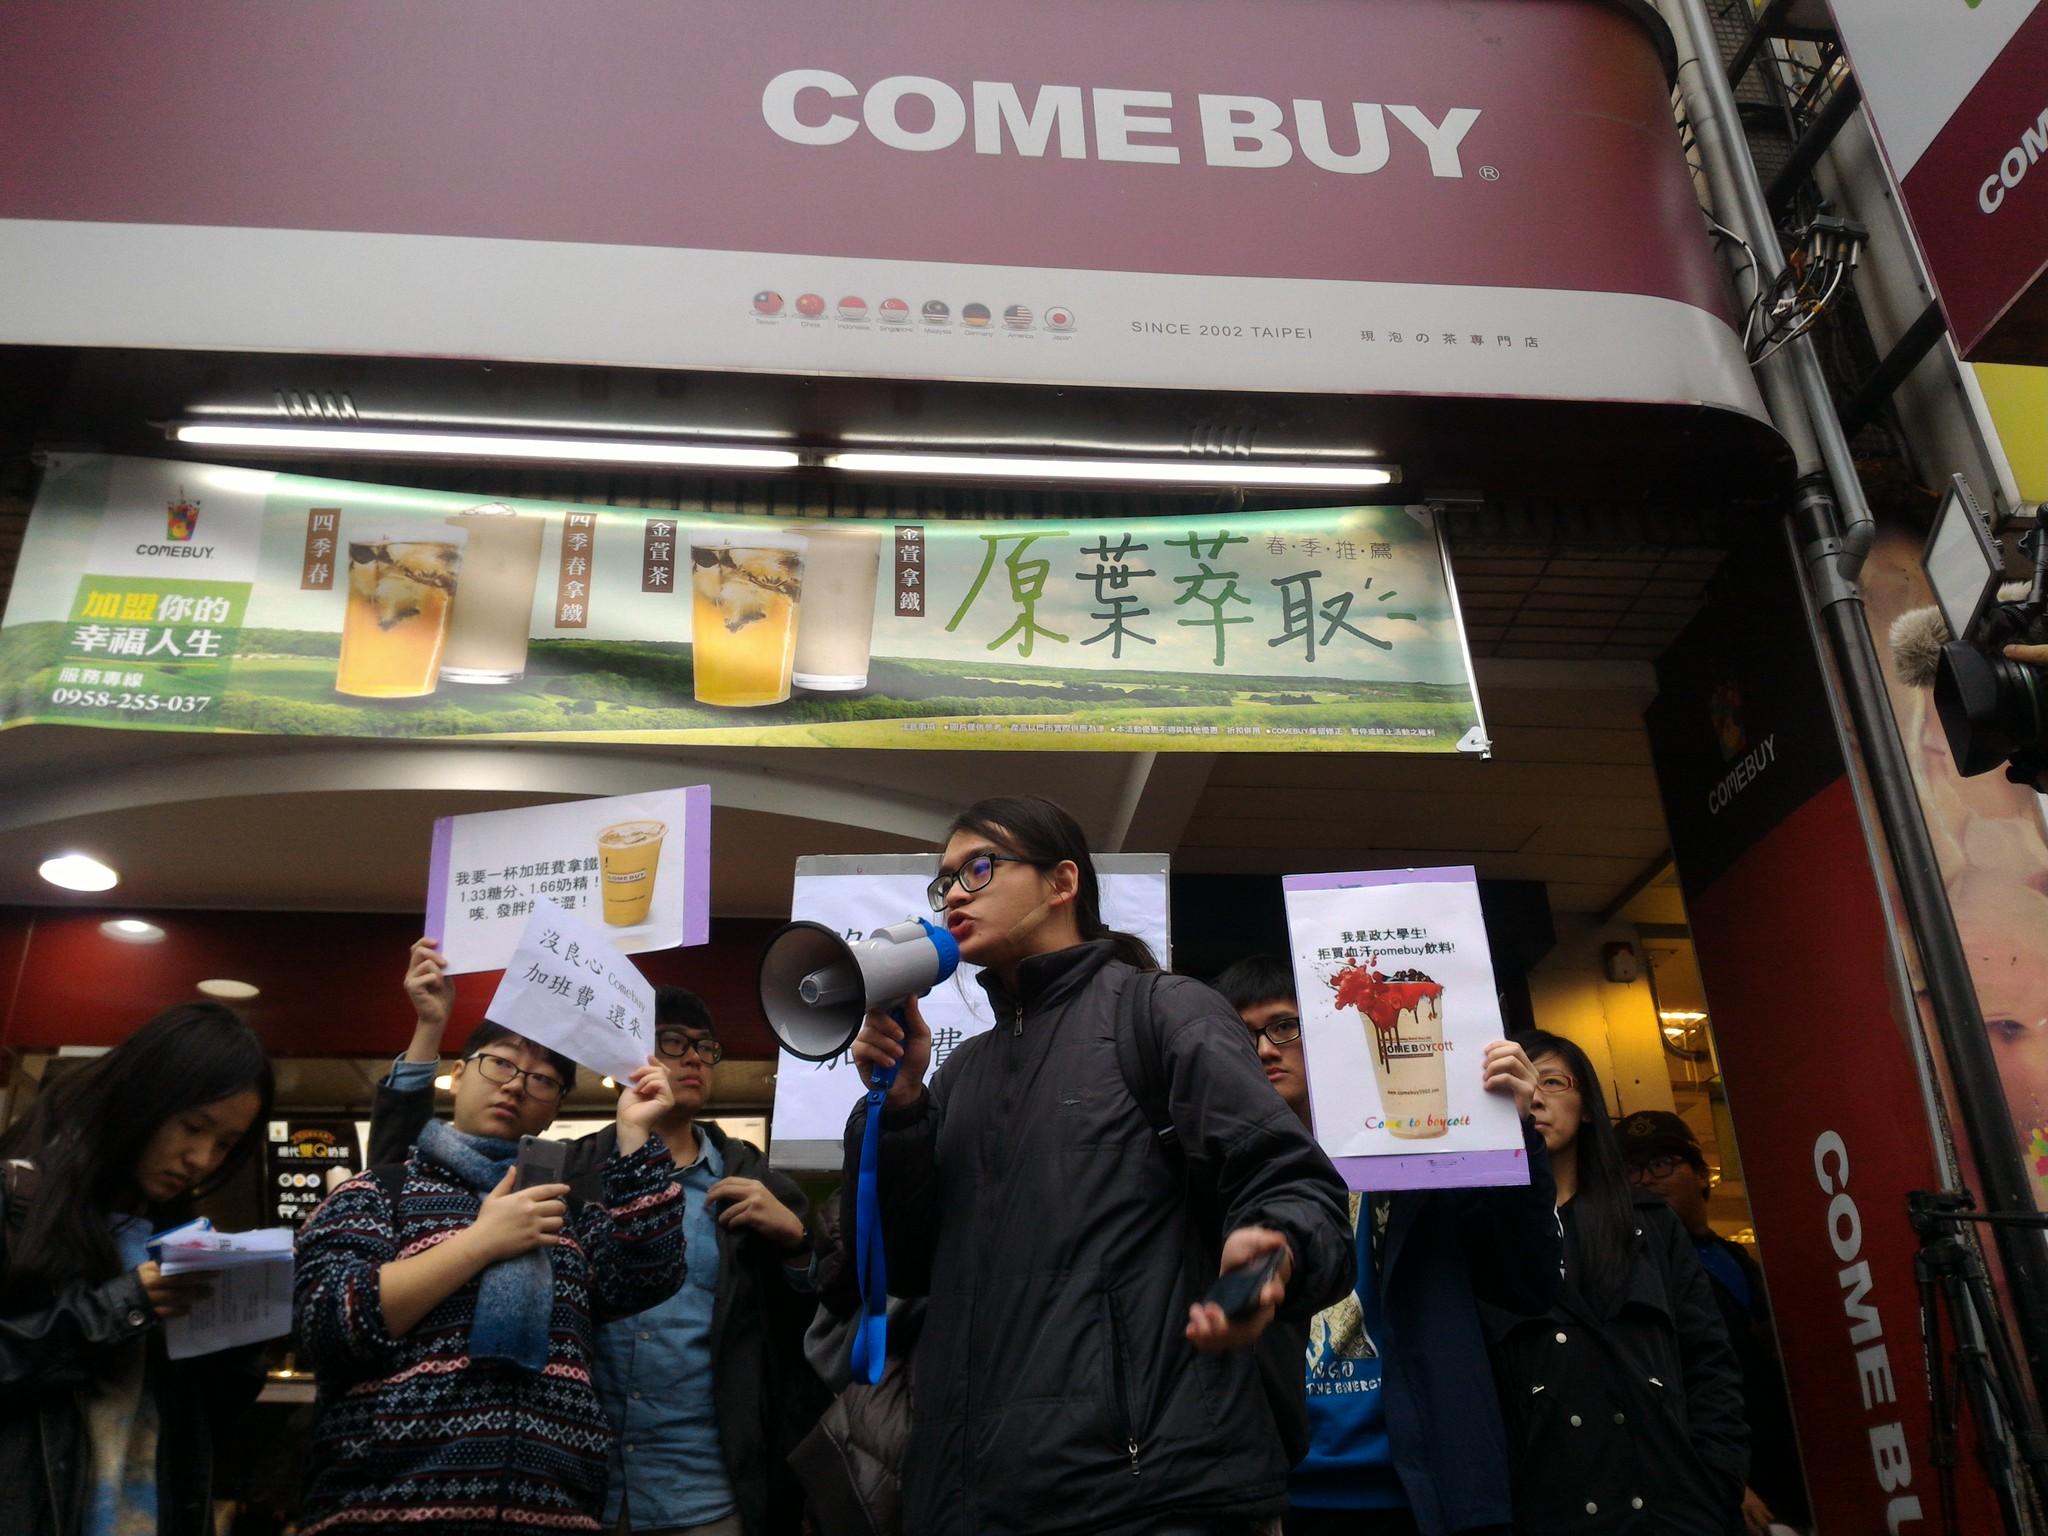 政大勞促會在COMEBUY政大店前發起癱瘓、抵制行動。(攝影:曾福全)